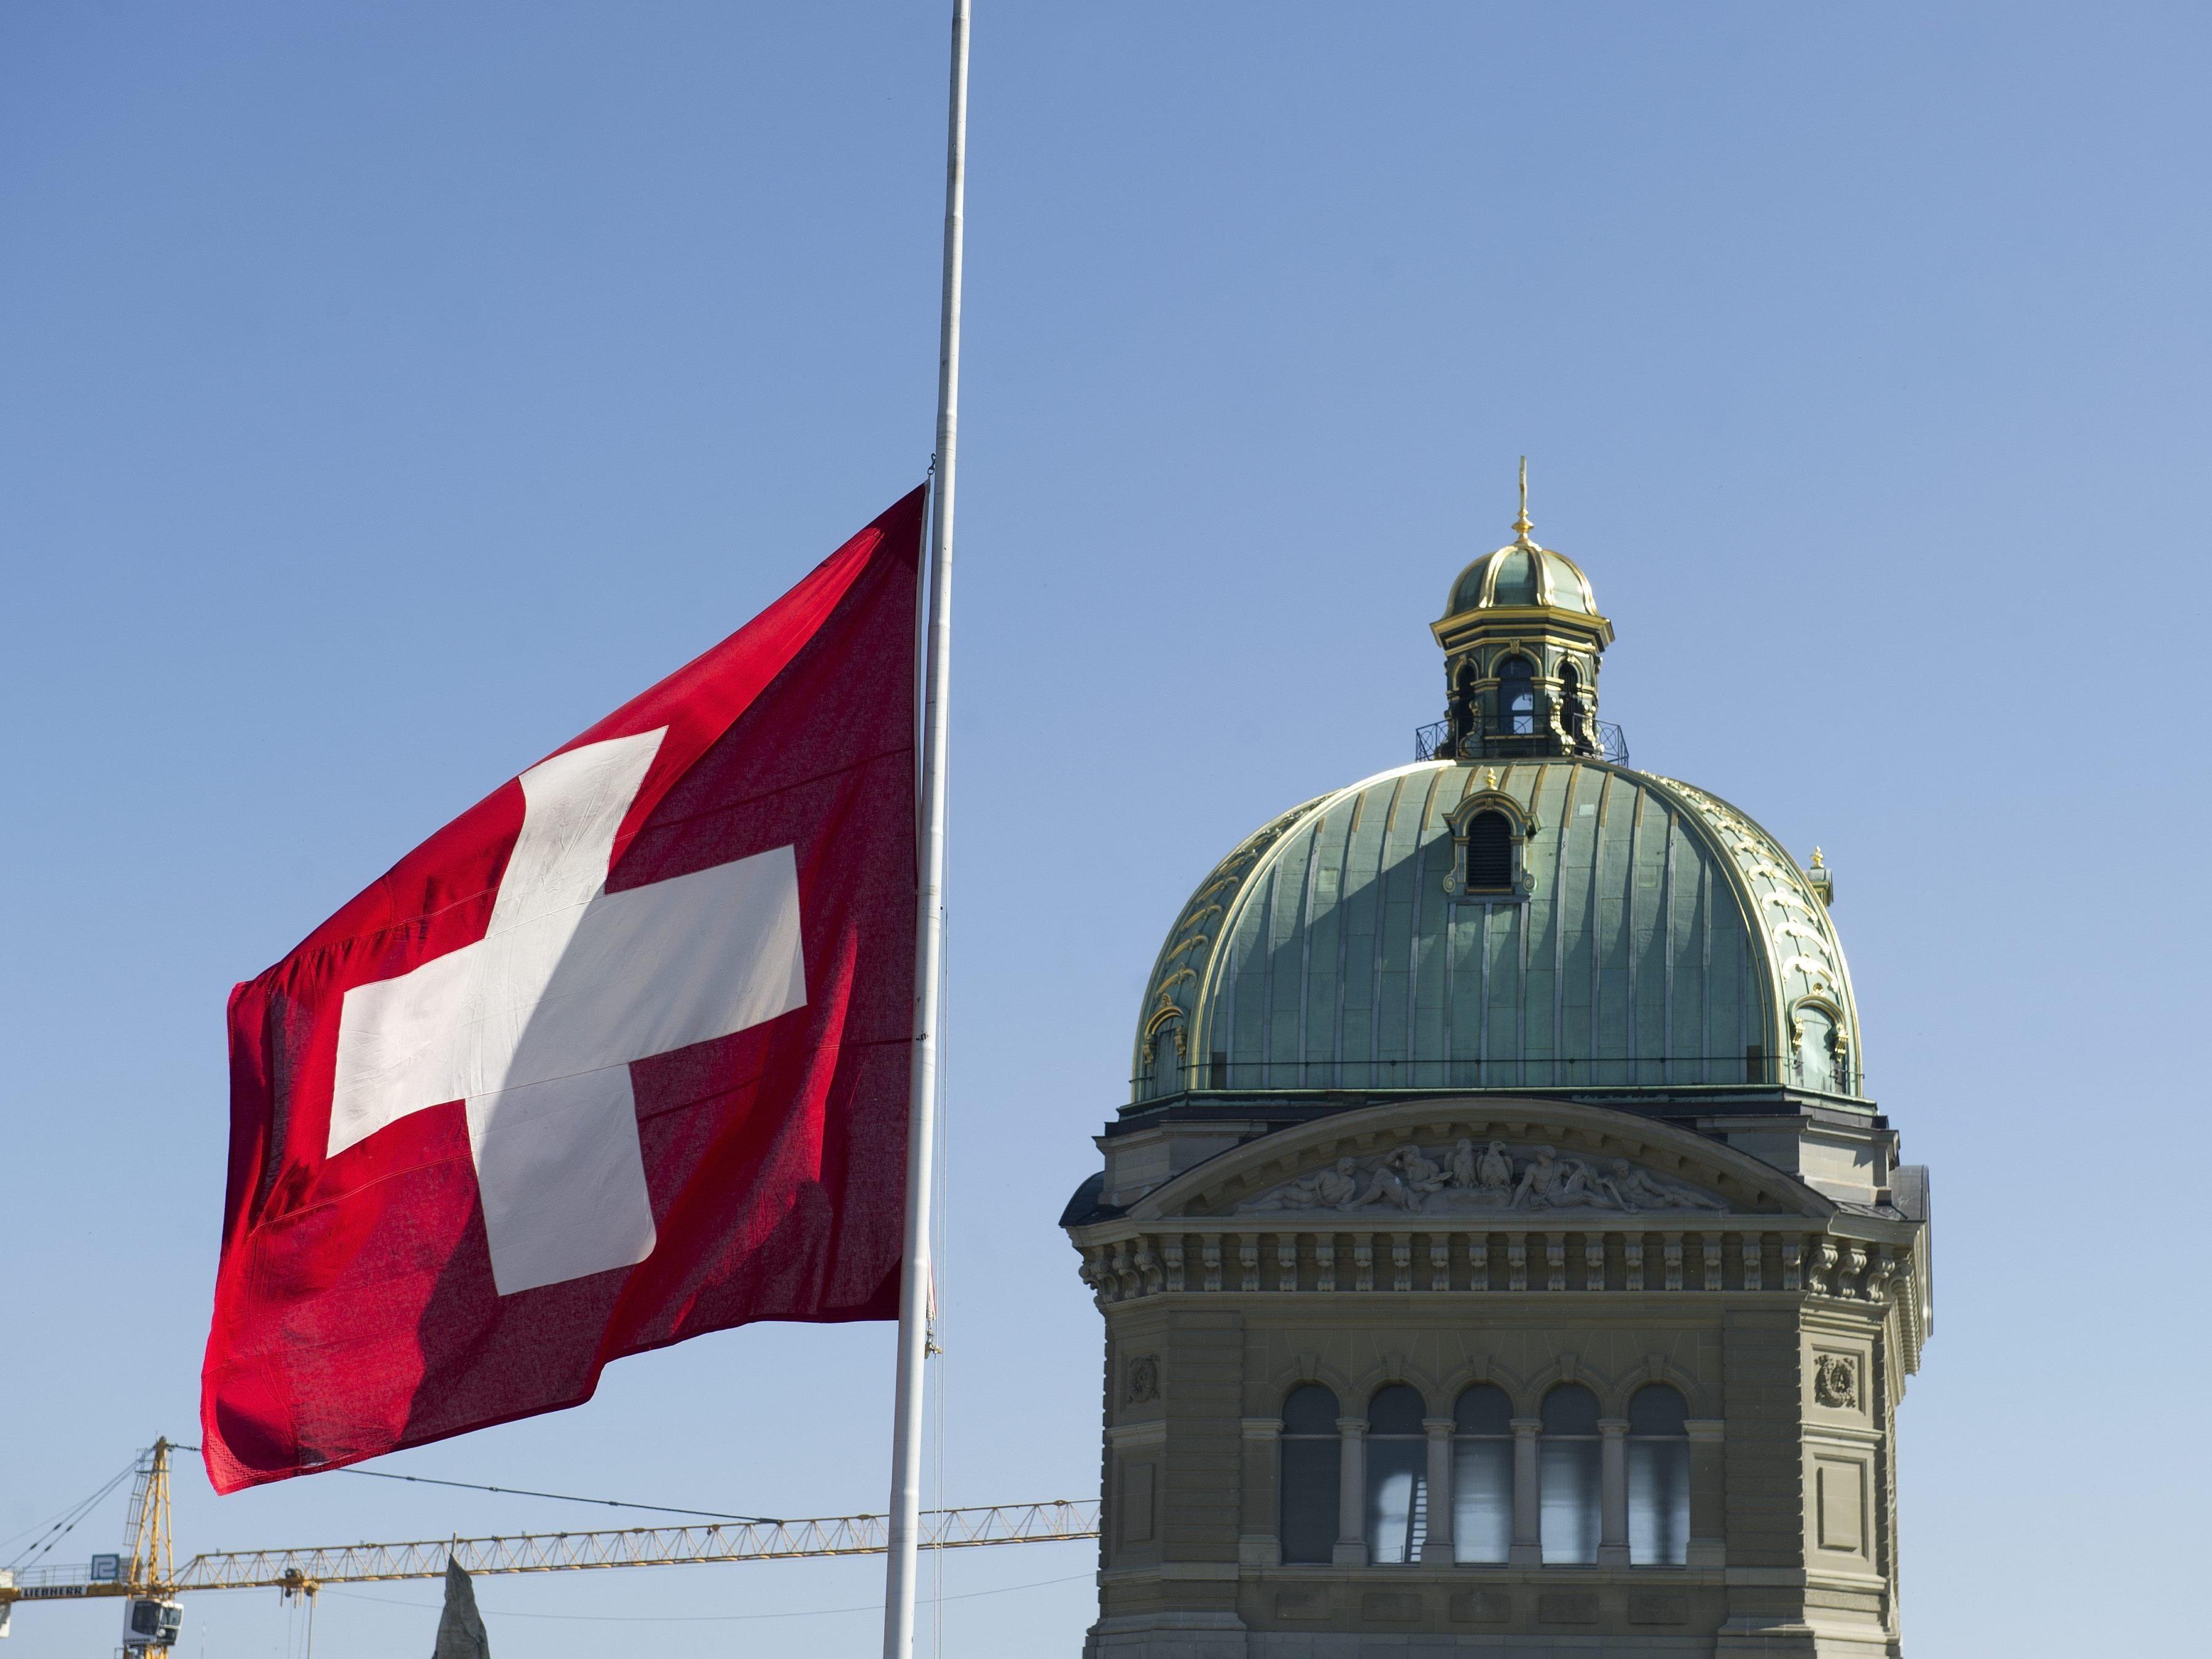 Die Schweiz hat über eine Zuwanderungsbremse abgestimmt.